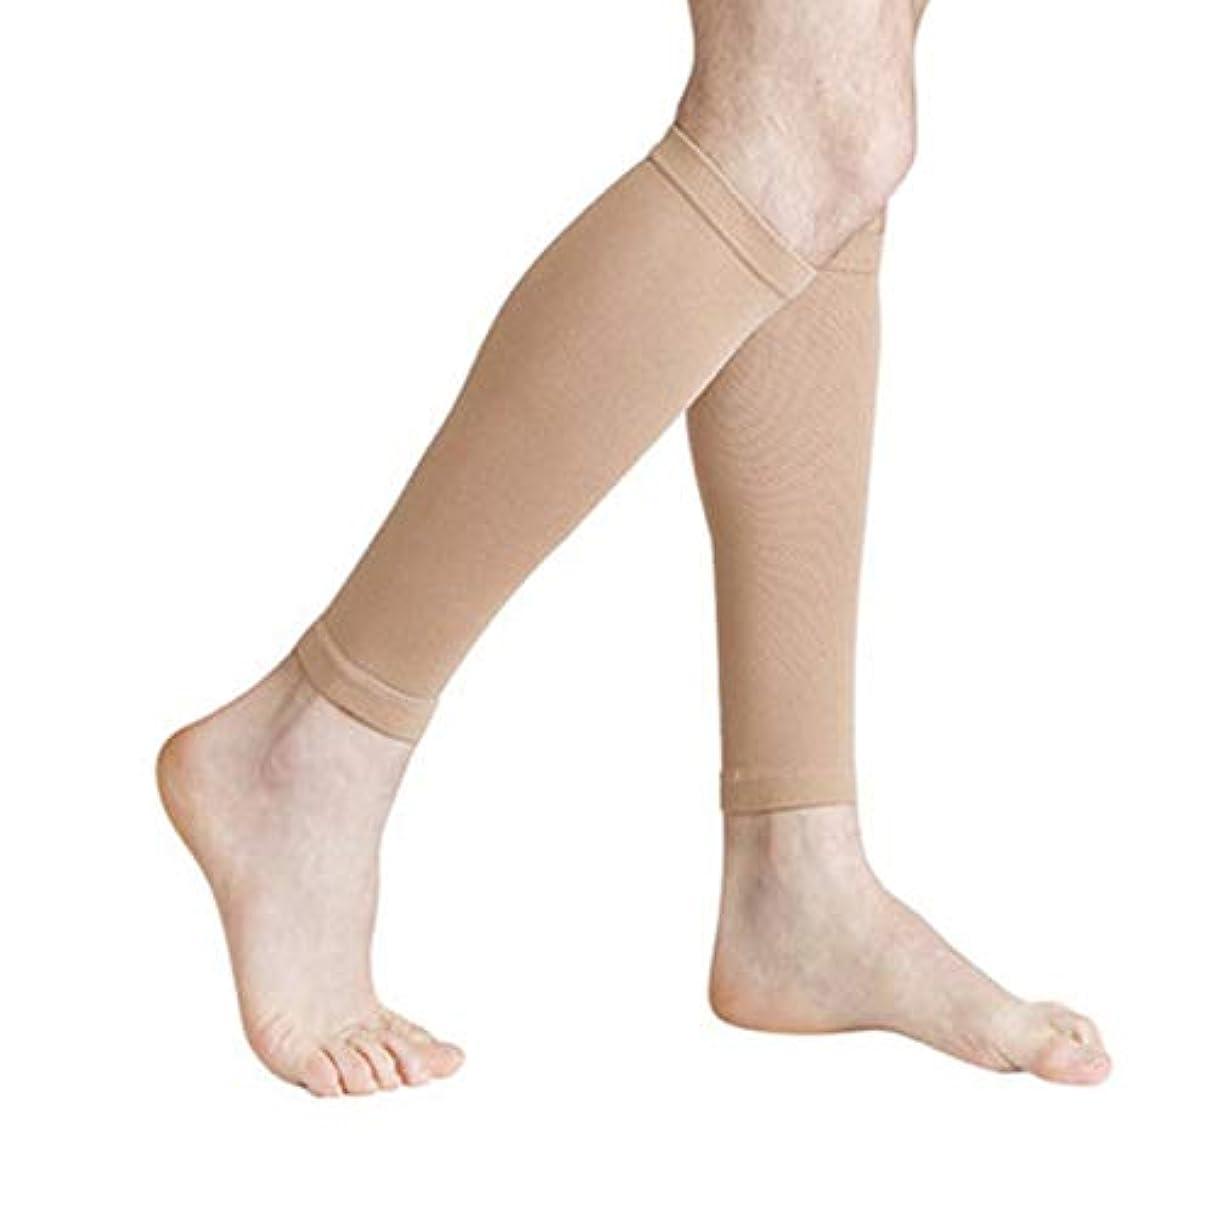 ストローク再生可能宮殿丈夫な男性女性プロの圧縮靴下通気性のある旅行活動看護師用シンススプリントフライトトラベル - ブラック